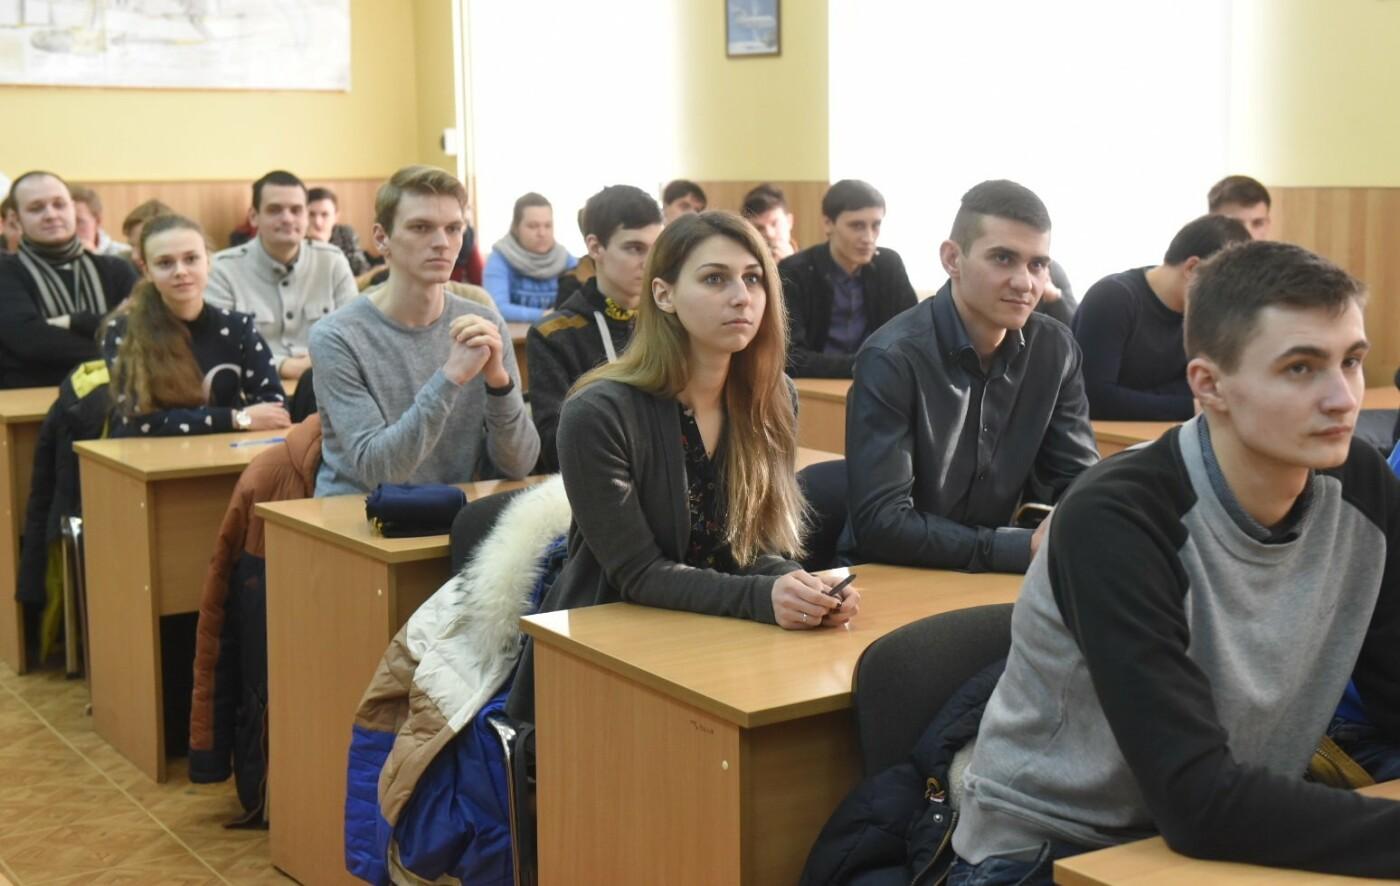 Юные авиаторы из Днепропетровской области дошли до финала престижного проекта, фото-2